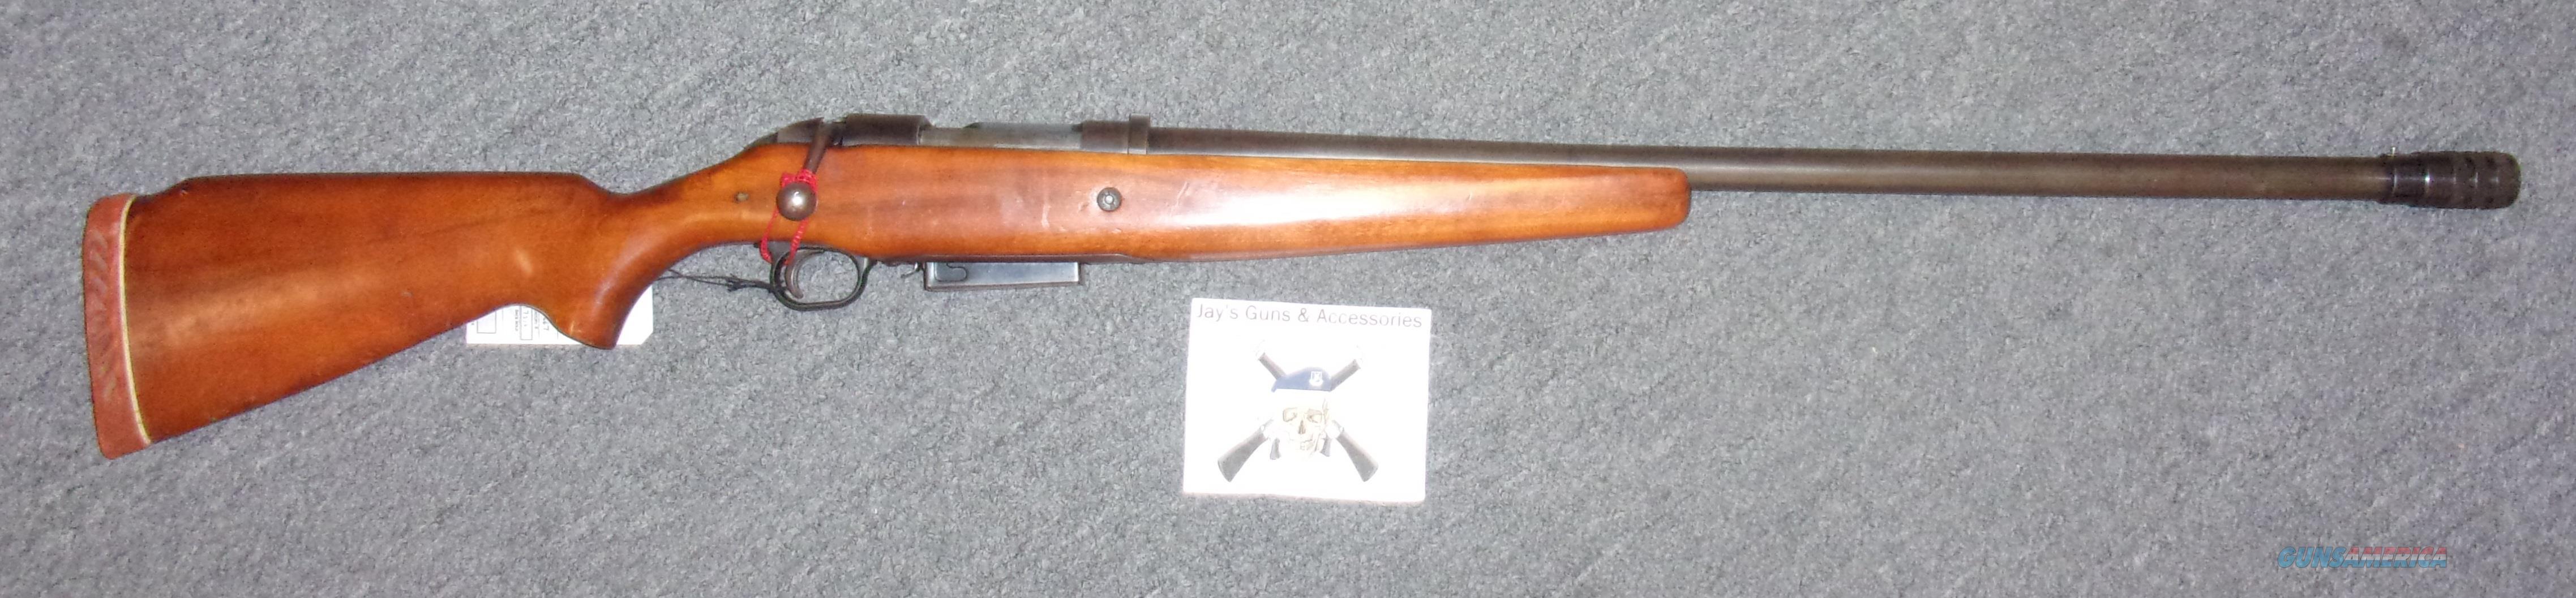 Mossberg 395KB  Guns > Shotguns > Mossberg Shotguns > Autoloaders